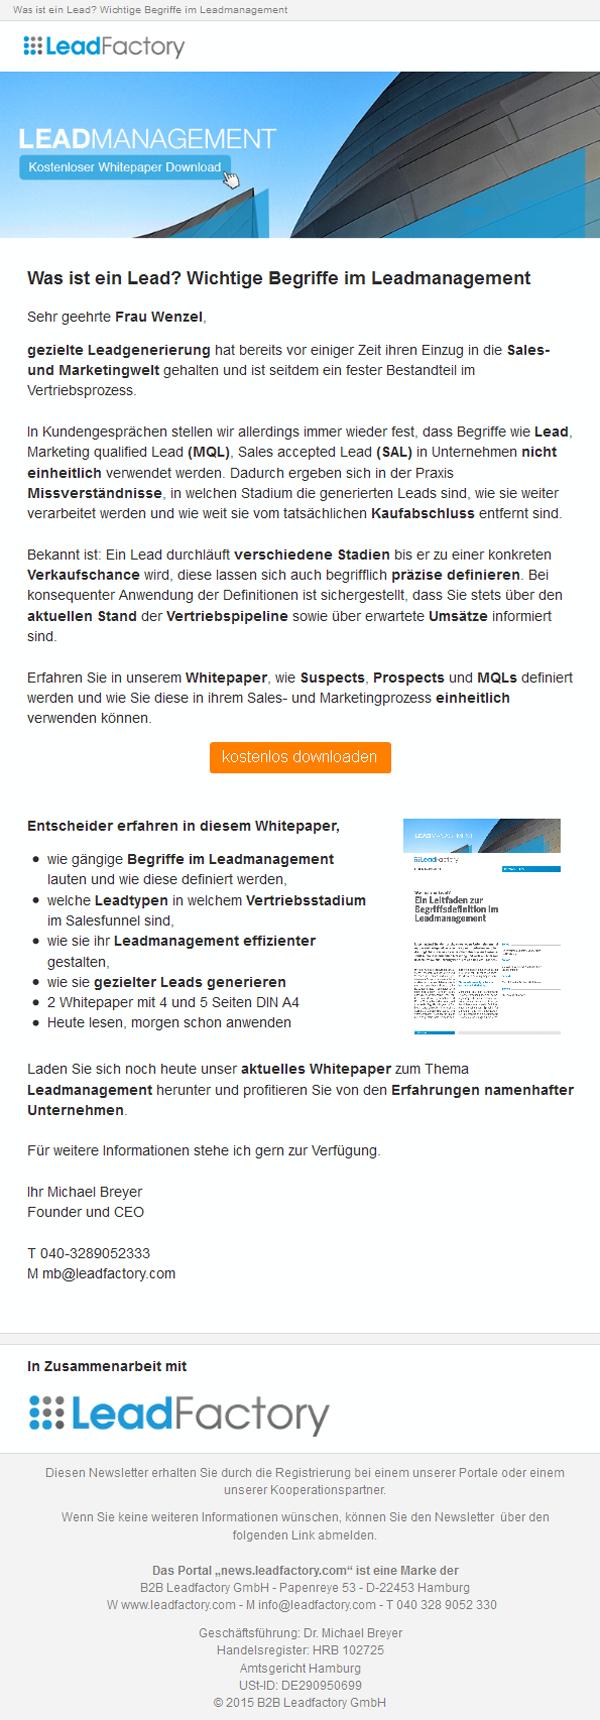 Mailing_intern_Was ist ein Lead? Begriffsdefinition im Leadmanagement